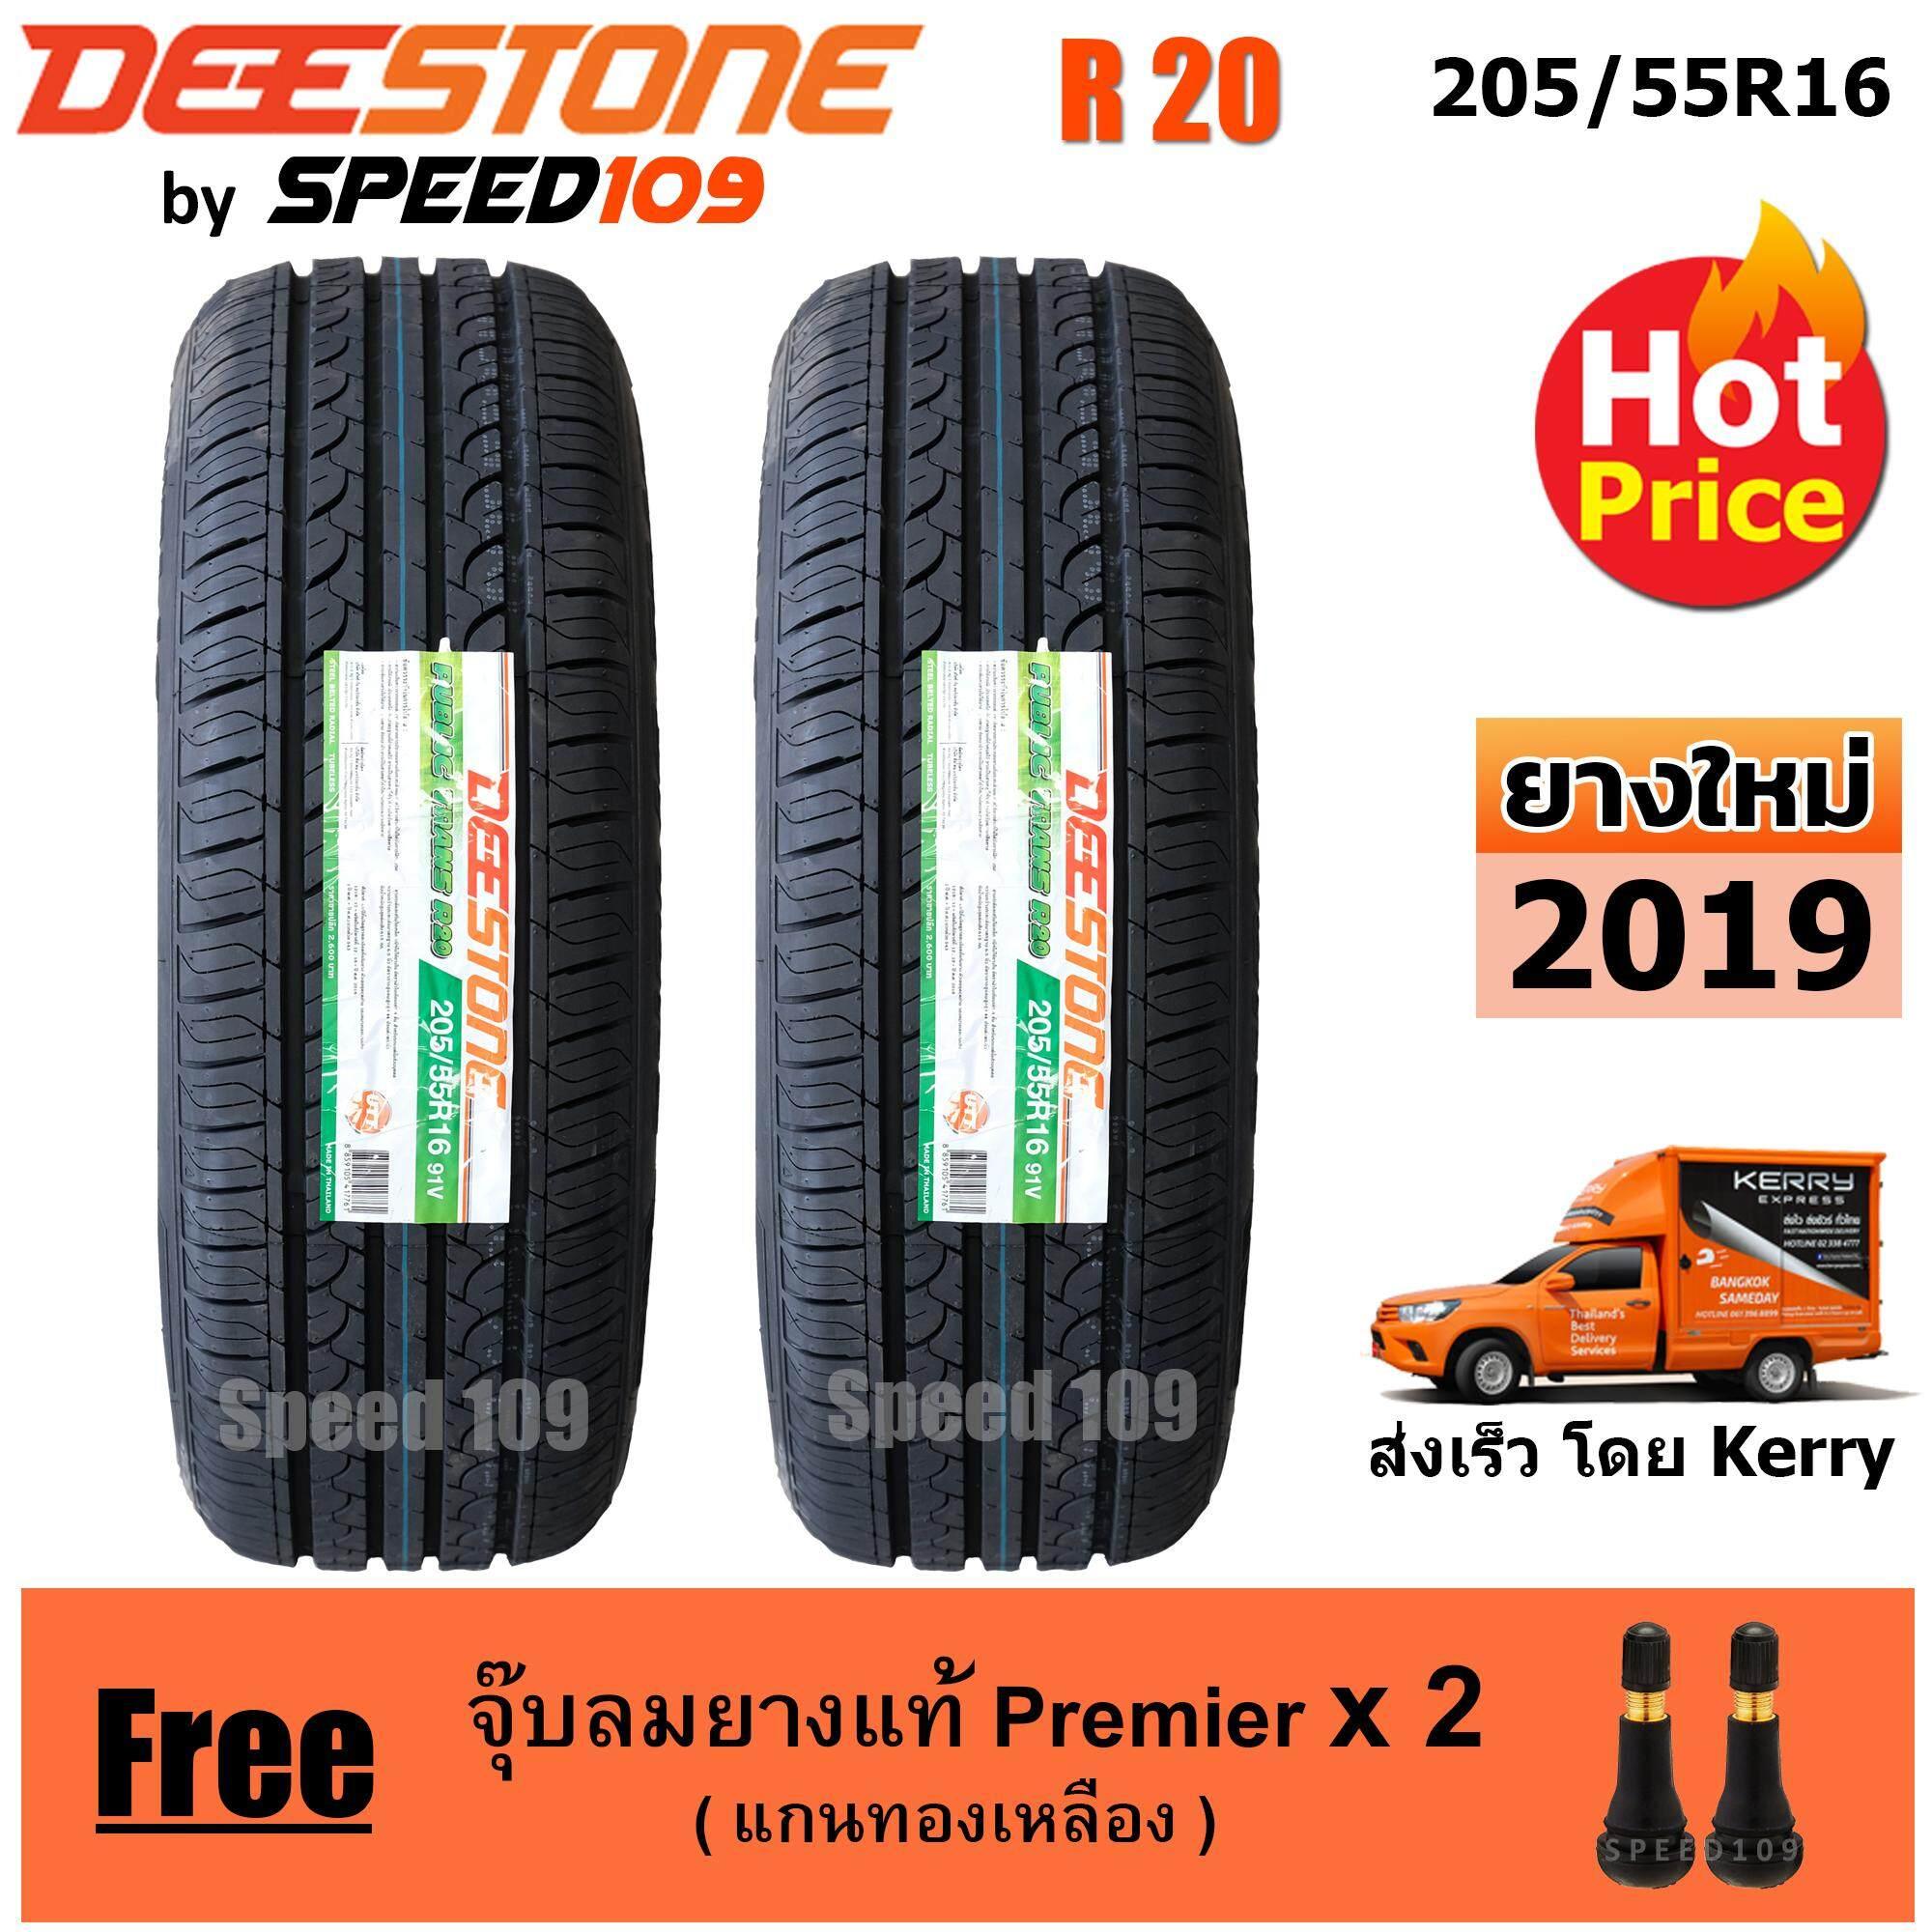 ประกันภัย รถยนต์ แบบ ผ่อน ได้ ตาก DEESTONE ยางรถยนต์ ขอบ 16 ขนาด 205/55R16 รุ่น R20 - 2 เส้น (ปี 2019)